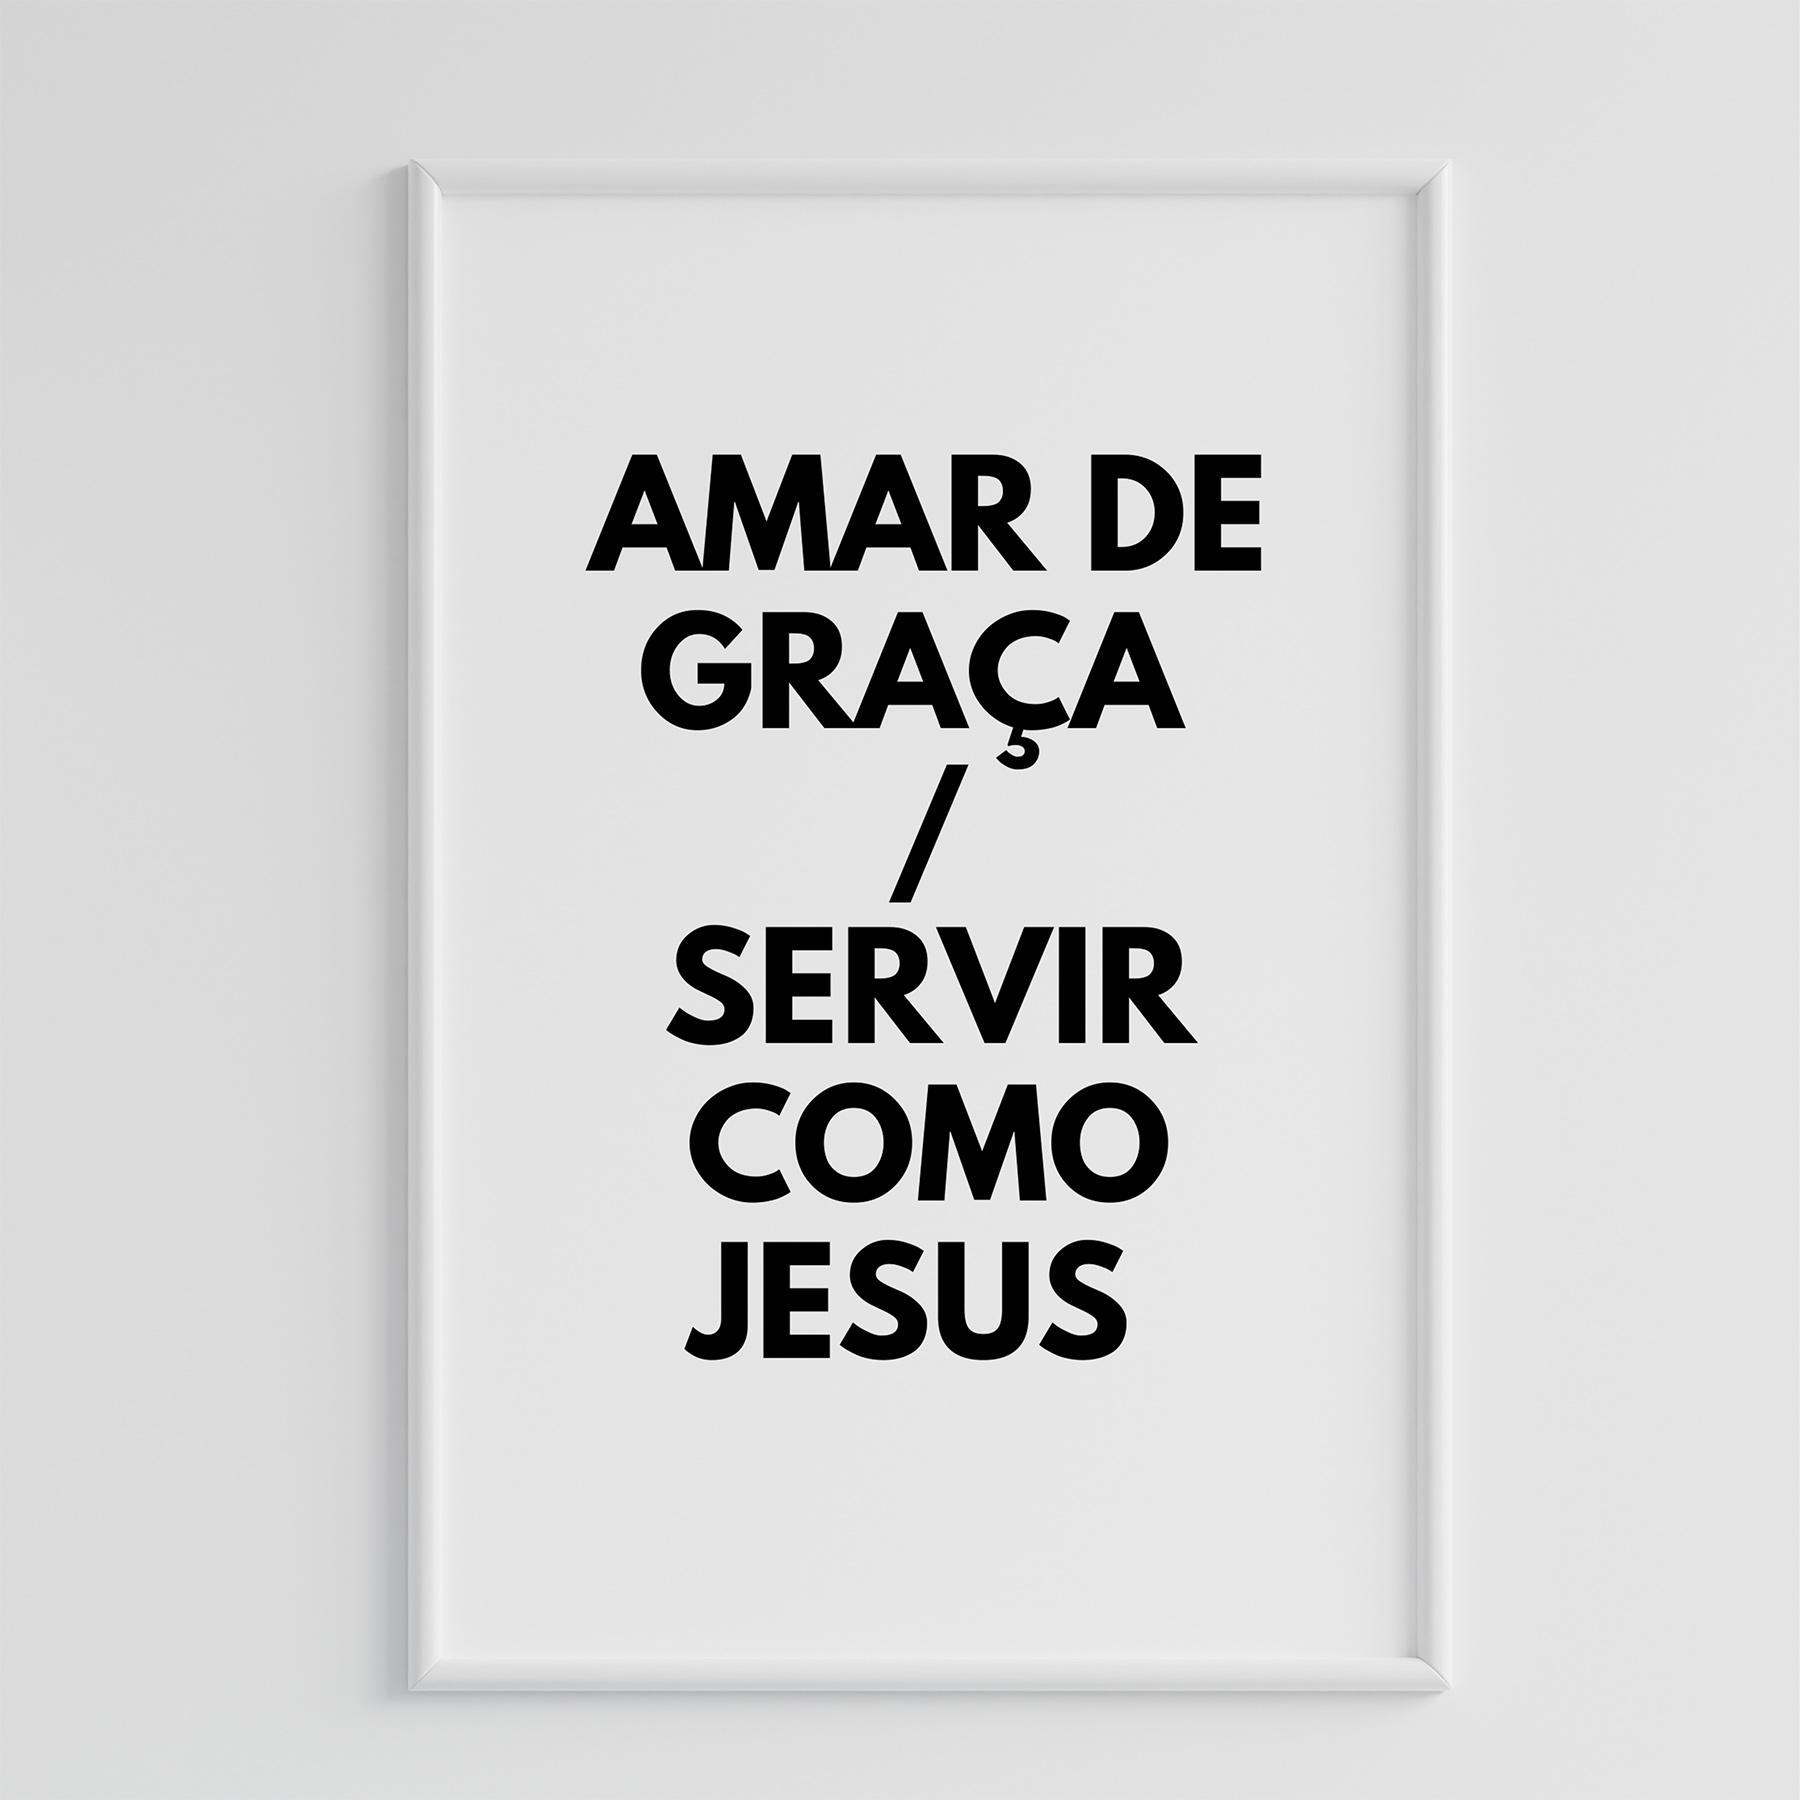 QUADRO AMAR DE GRAÇA / SERVIR COMO JESUS